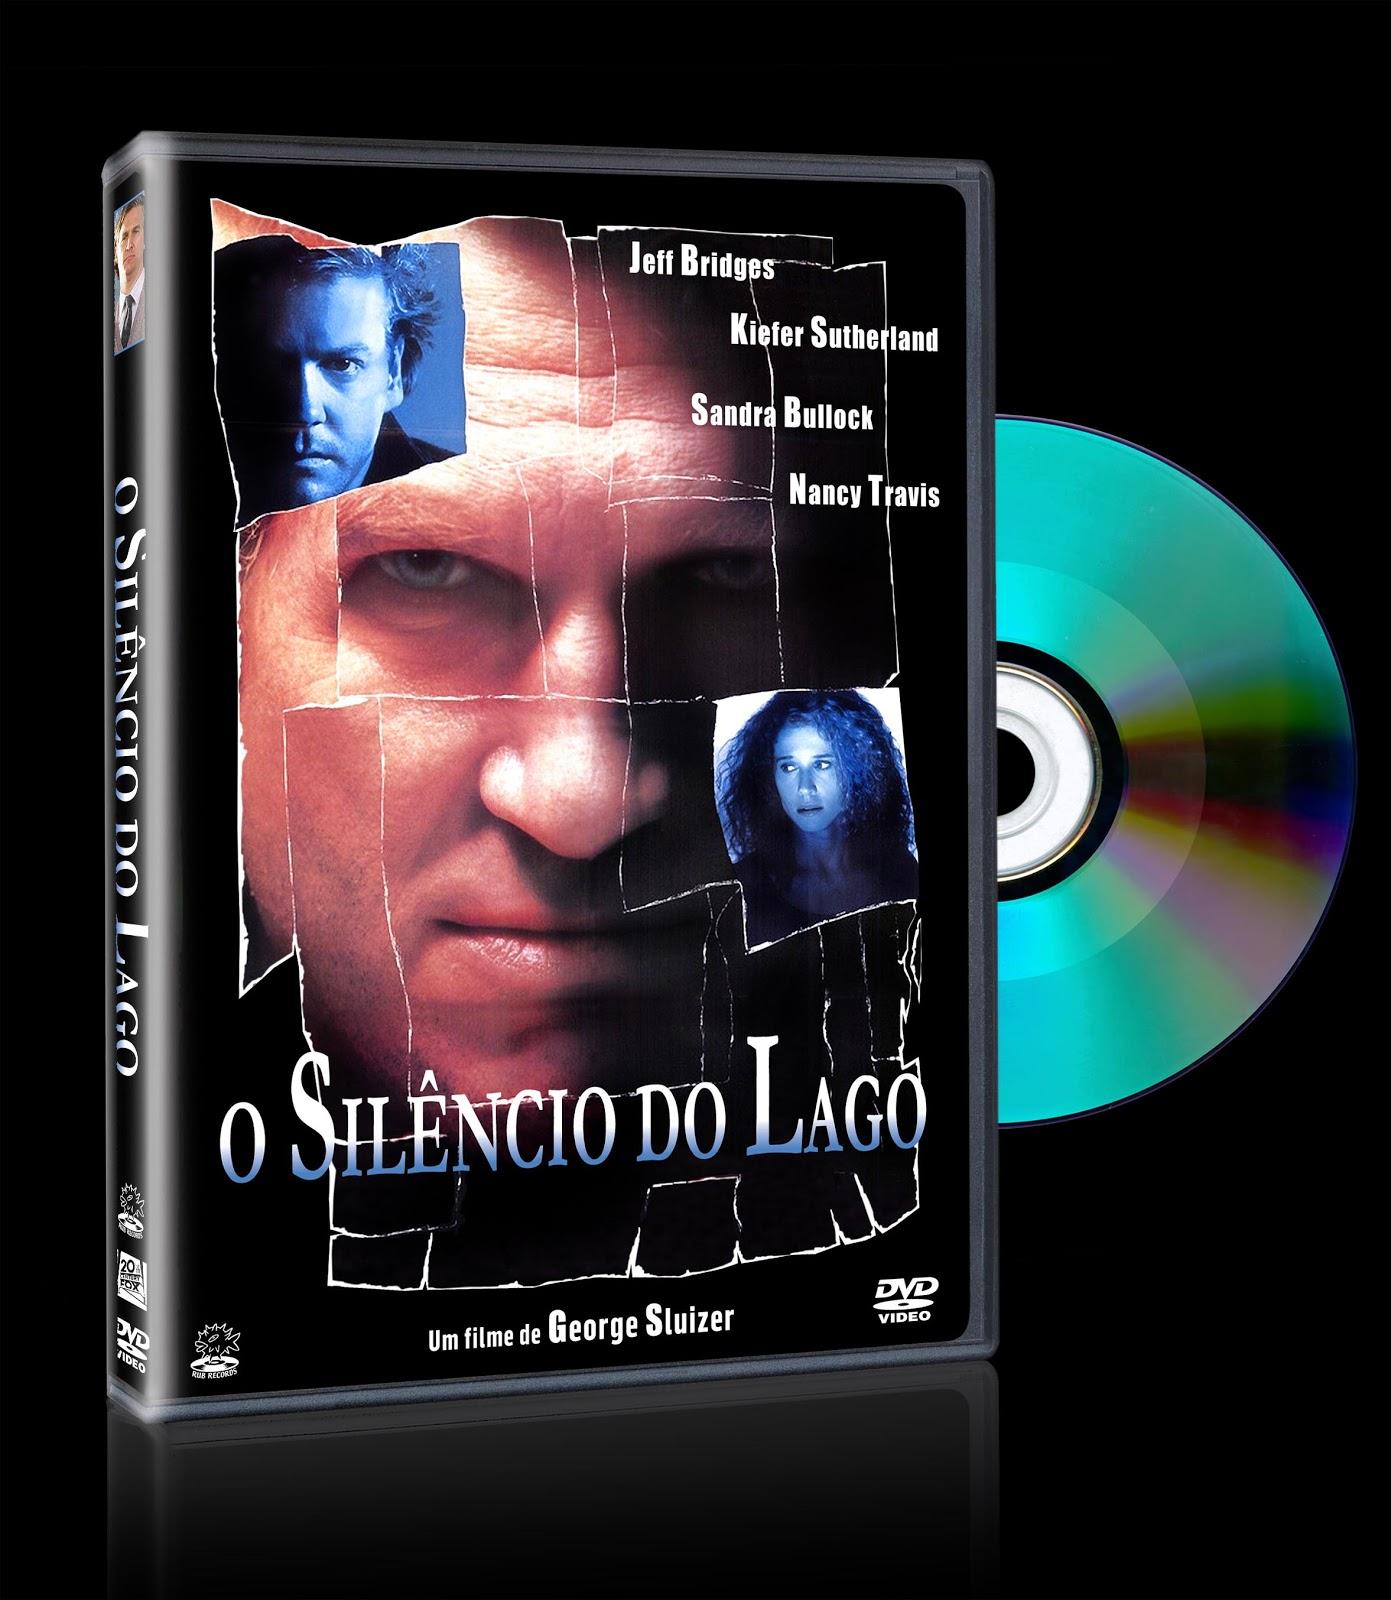 http://4.bp.blogspot.com/-tigj-1d4qm4/UJBJavEaFSI/AAAAAAAAB8c/EsiHXgLzEFI/s1600/silencio+do+lago.jpg